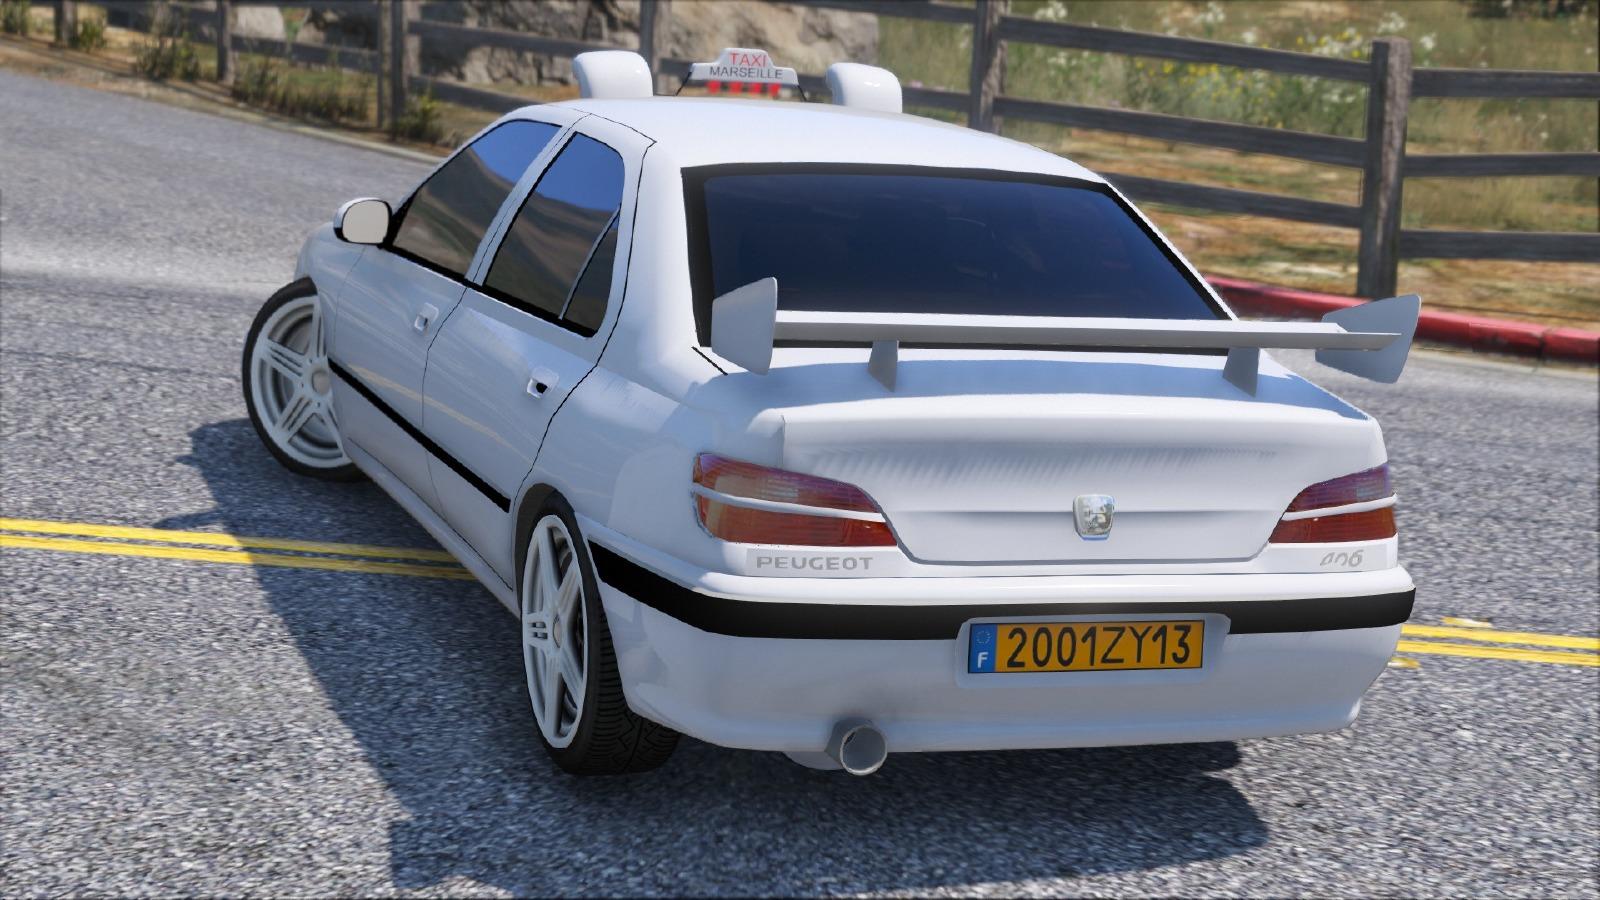 Peugeot 406 Taxi Vehicules Pour Gta V Sur Gta Modding